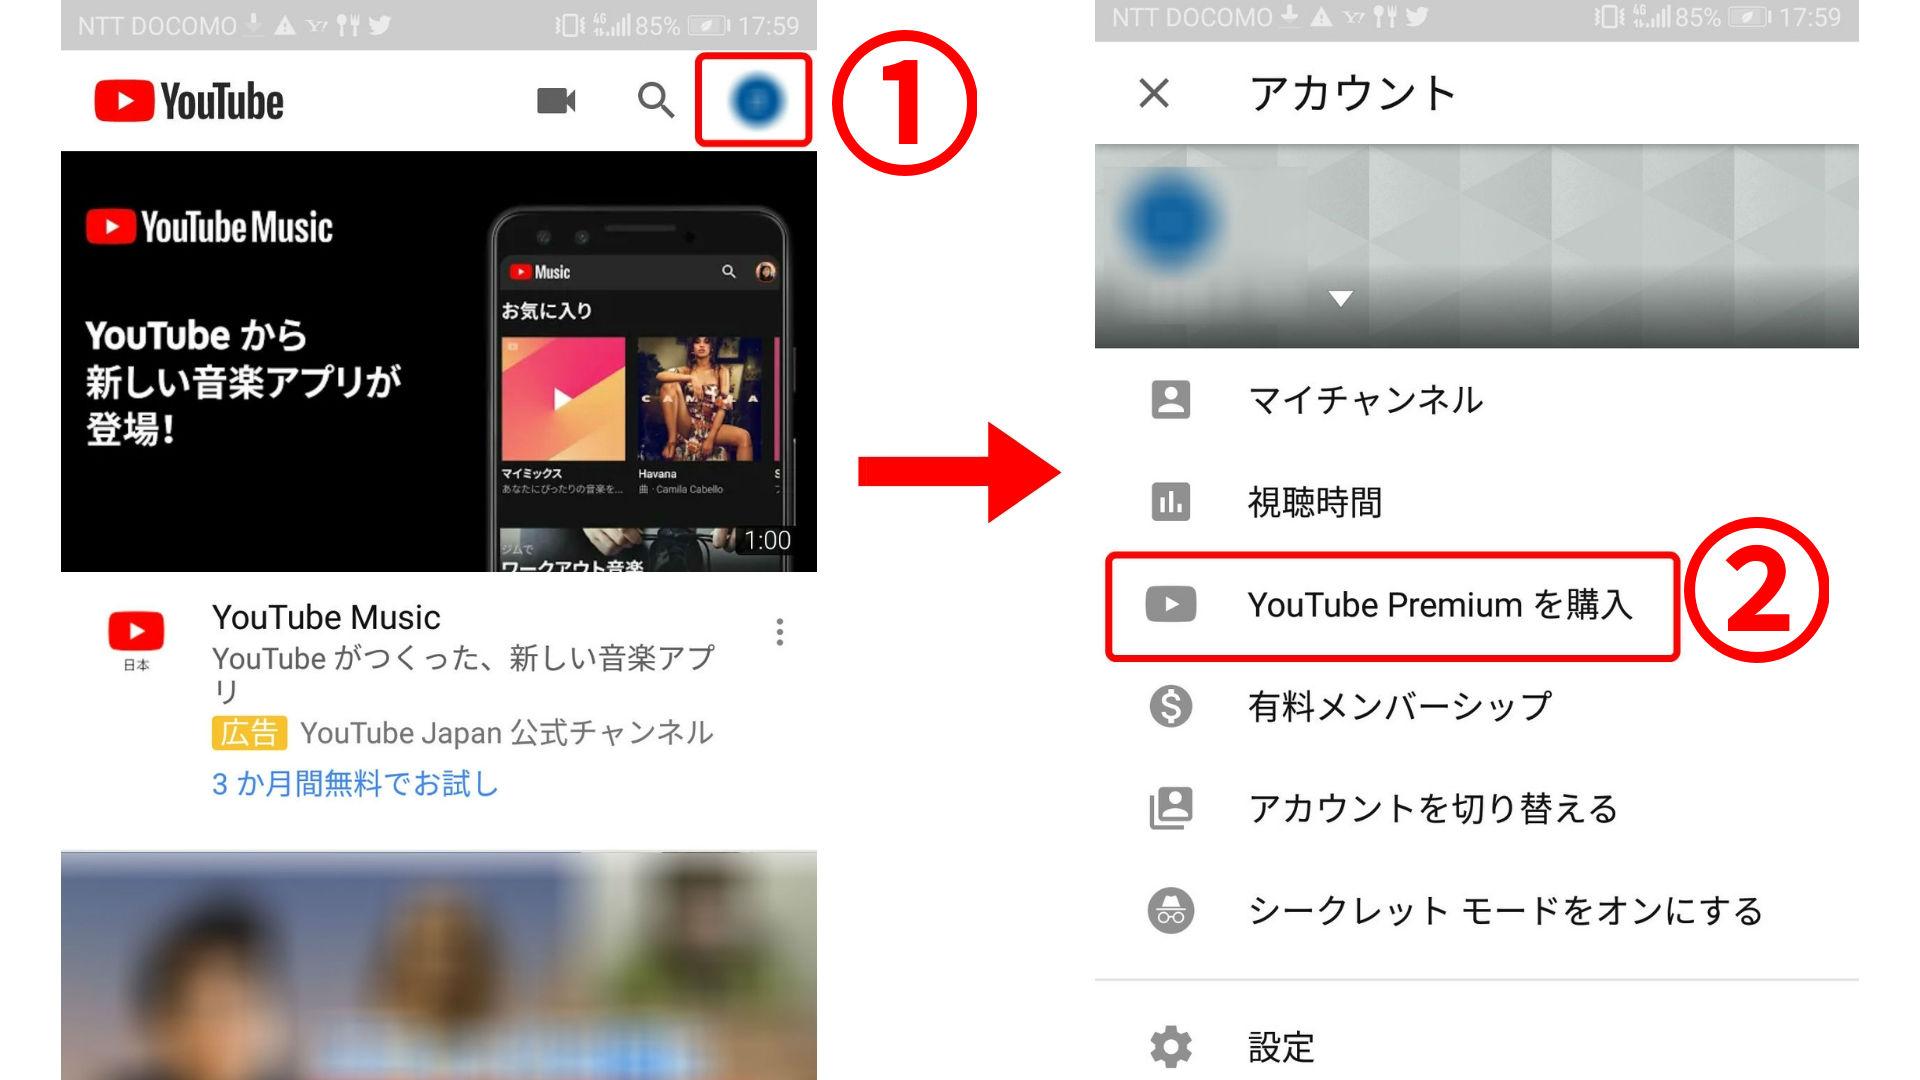 YouTubeプレミアム登録方法1